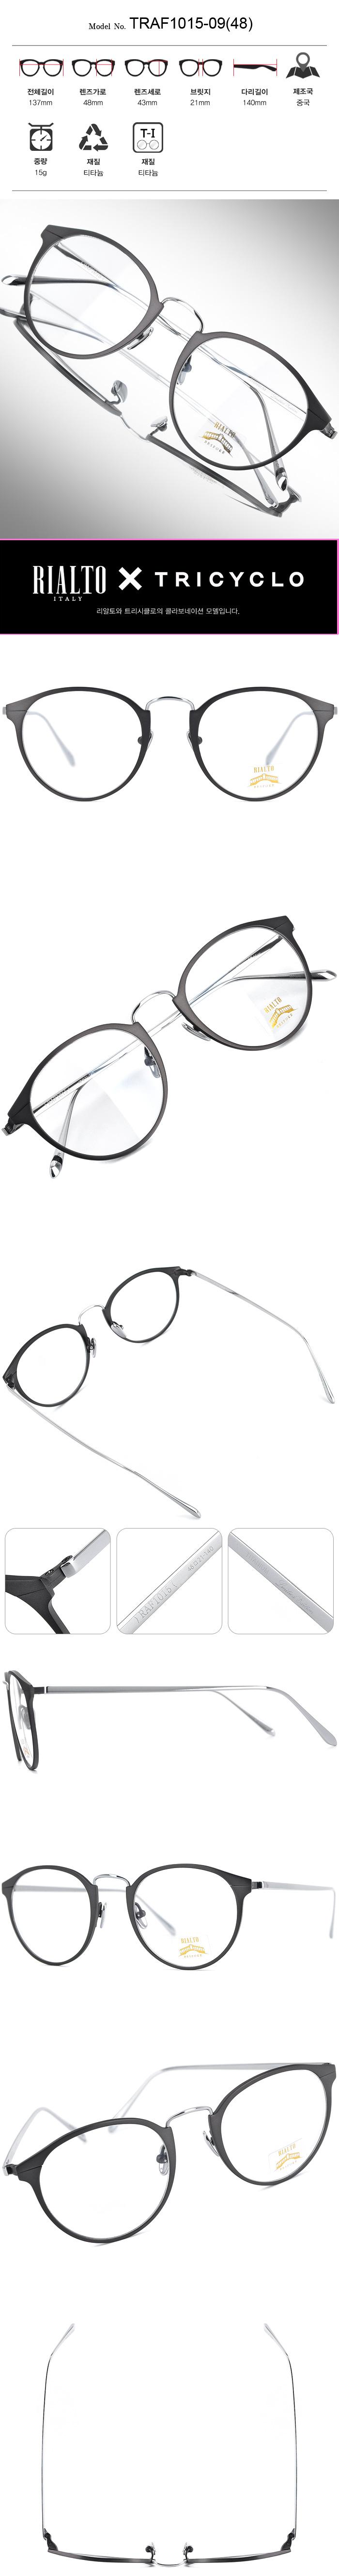 트리시클로 콜라보 명품 IP도금 티타늄 안경테 TRAF1015-09(48)